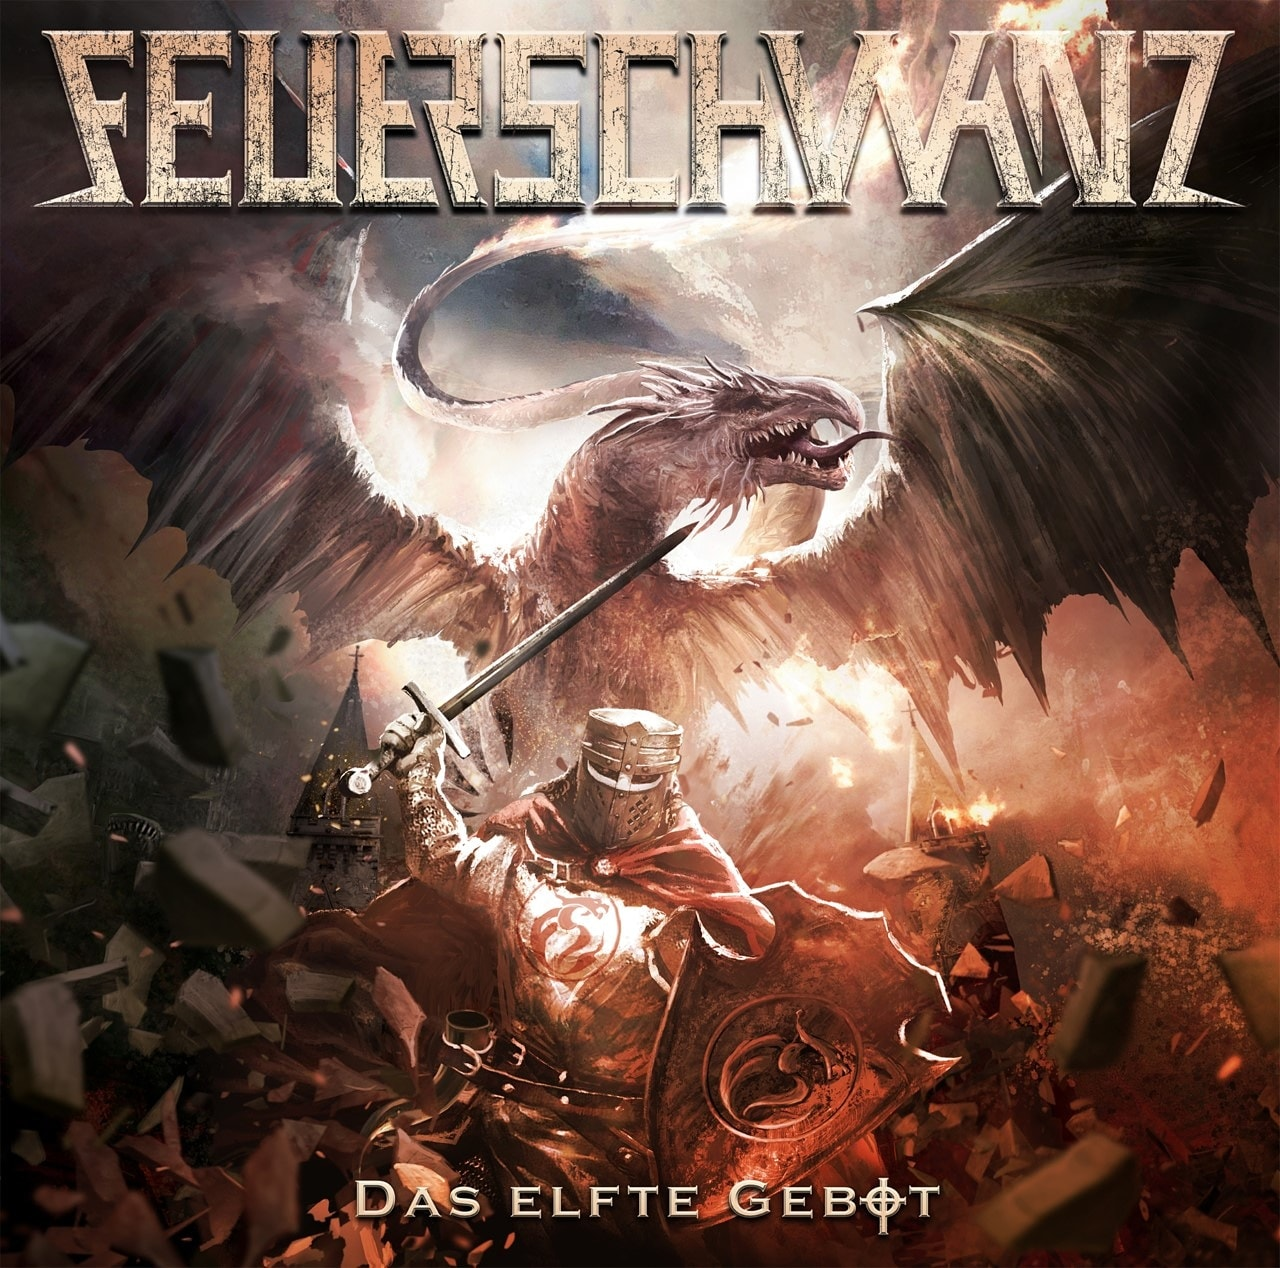 Feuerschwanz Das Elfte Gebot Album Coverart